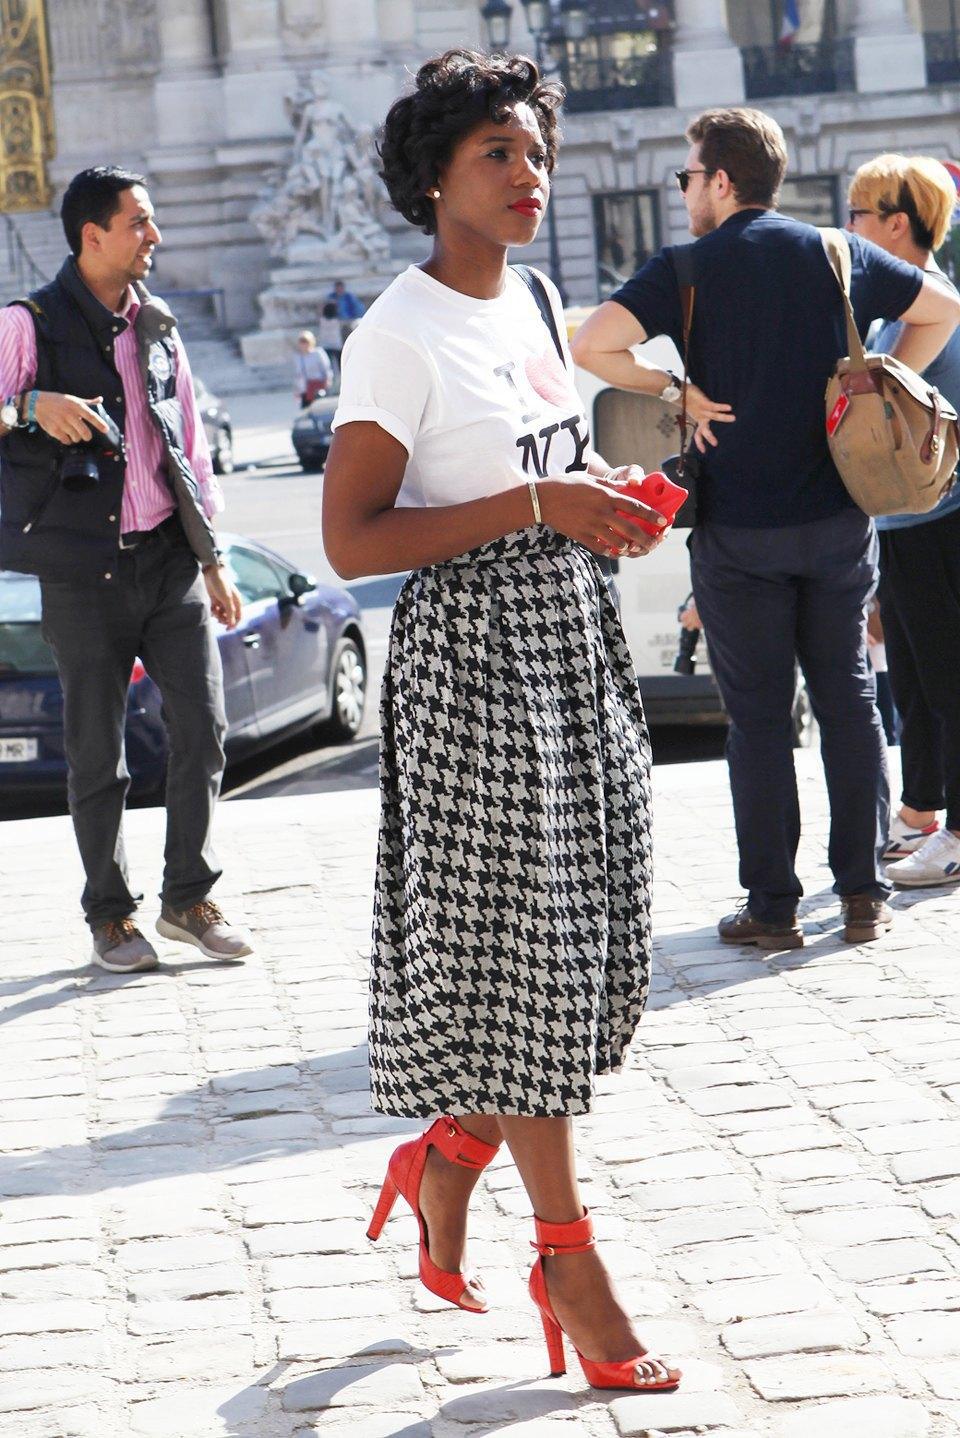 Кимоно, перья и сэтчелы на гостях показов Paris Fashion Week. Изображение № 3.